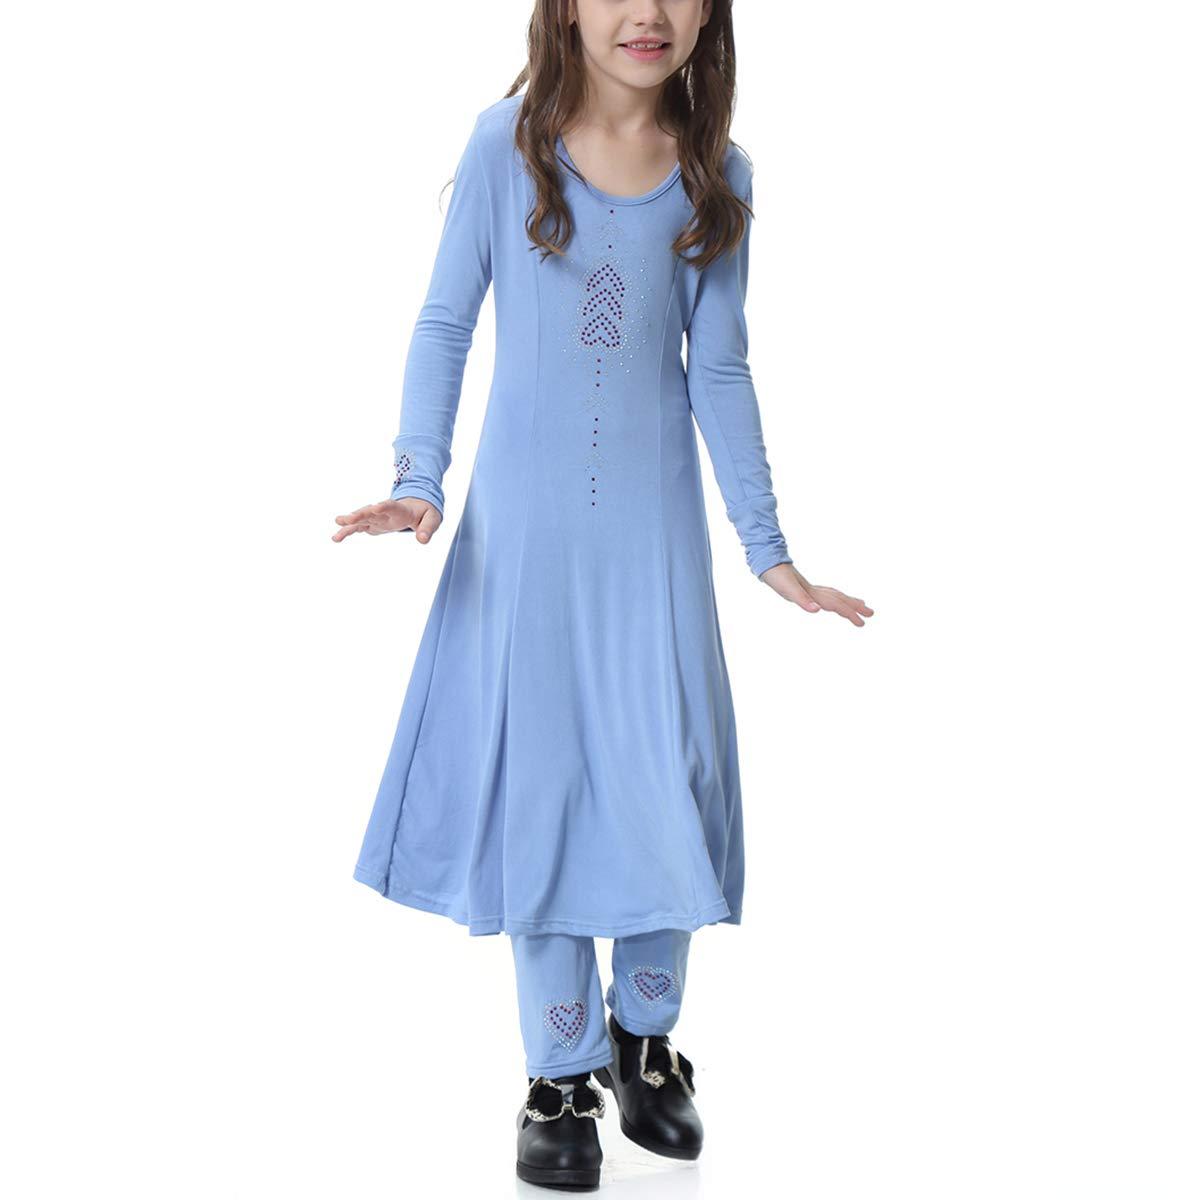 BESTOYARD 2pcs Establece niñas Musulmanas Trajes de Vestir Niños ...